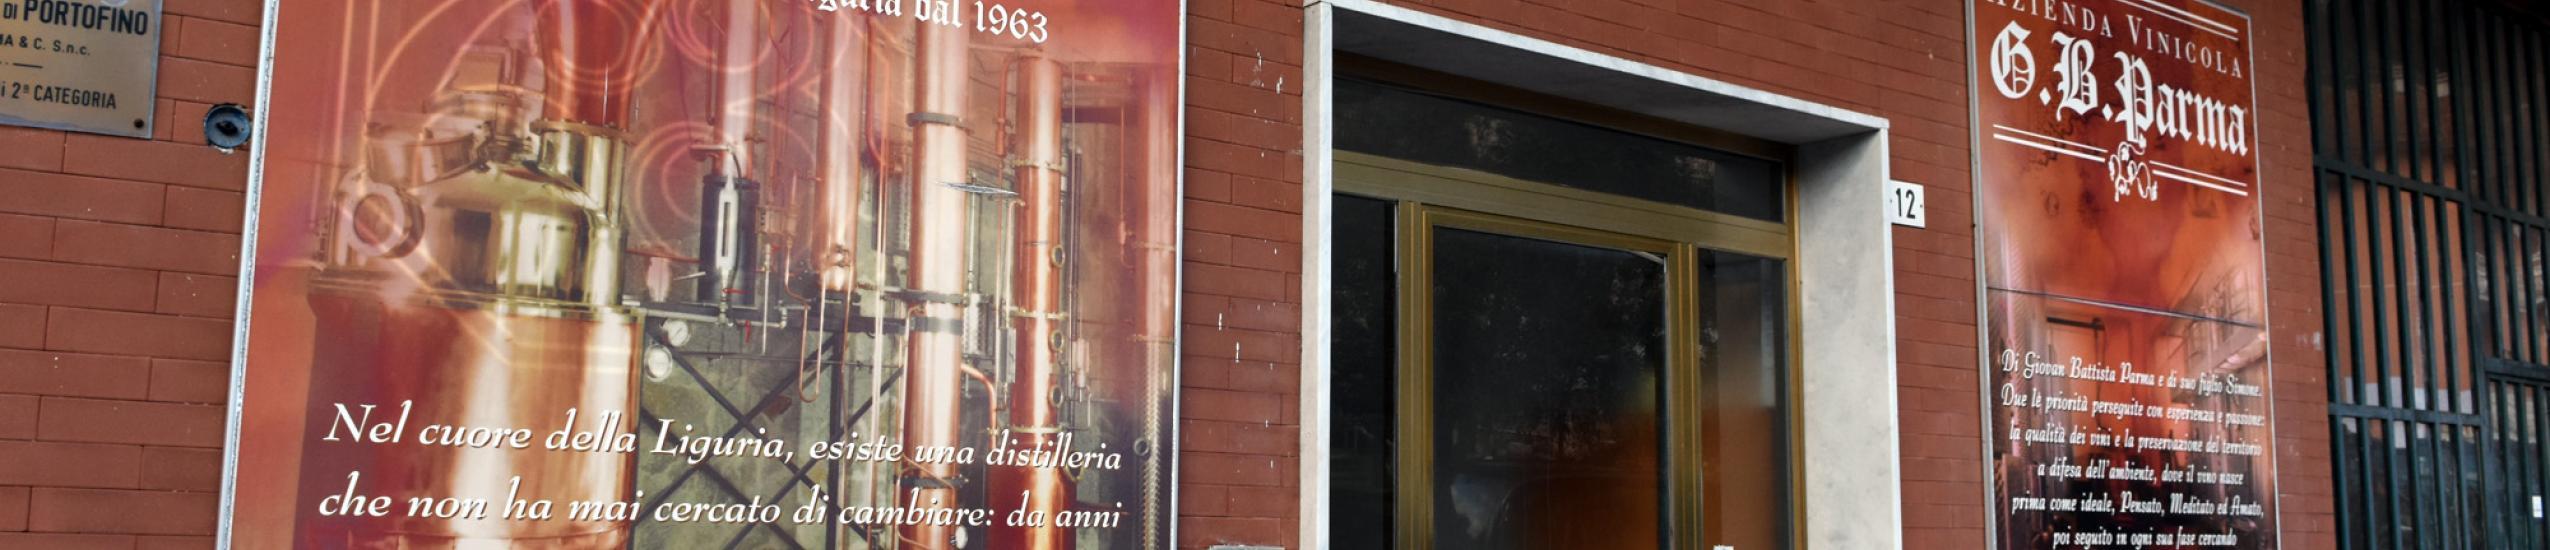 azienda vinicola Parma